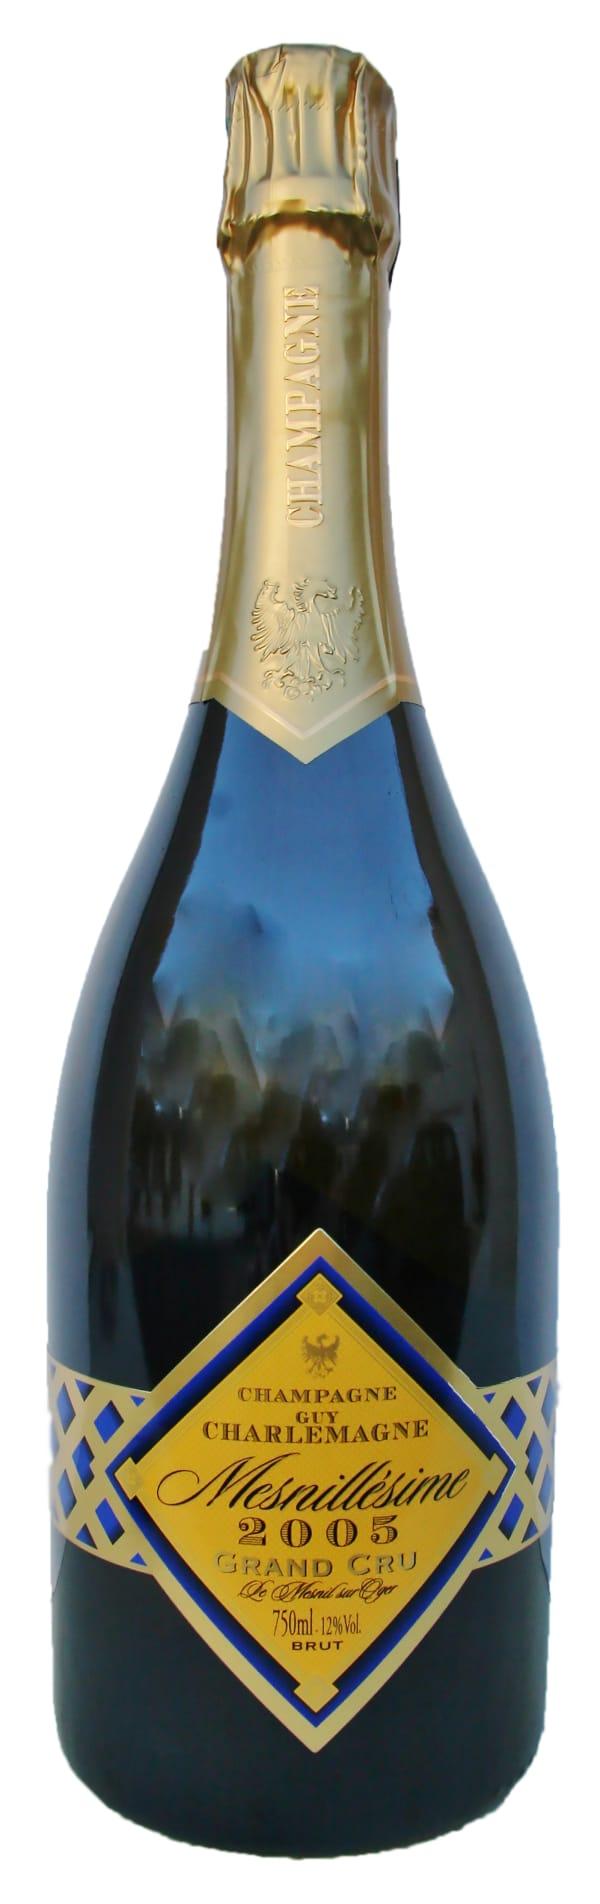 Guy Charlemagne Mesnillèsime Champagne Brut  2005